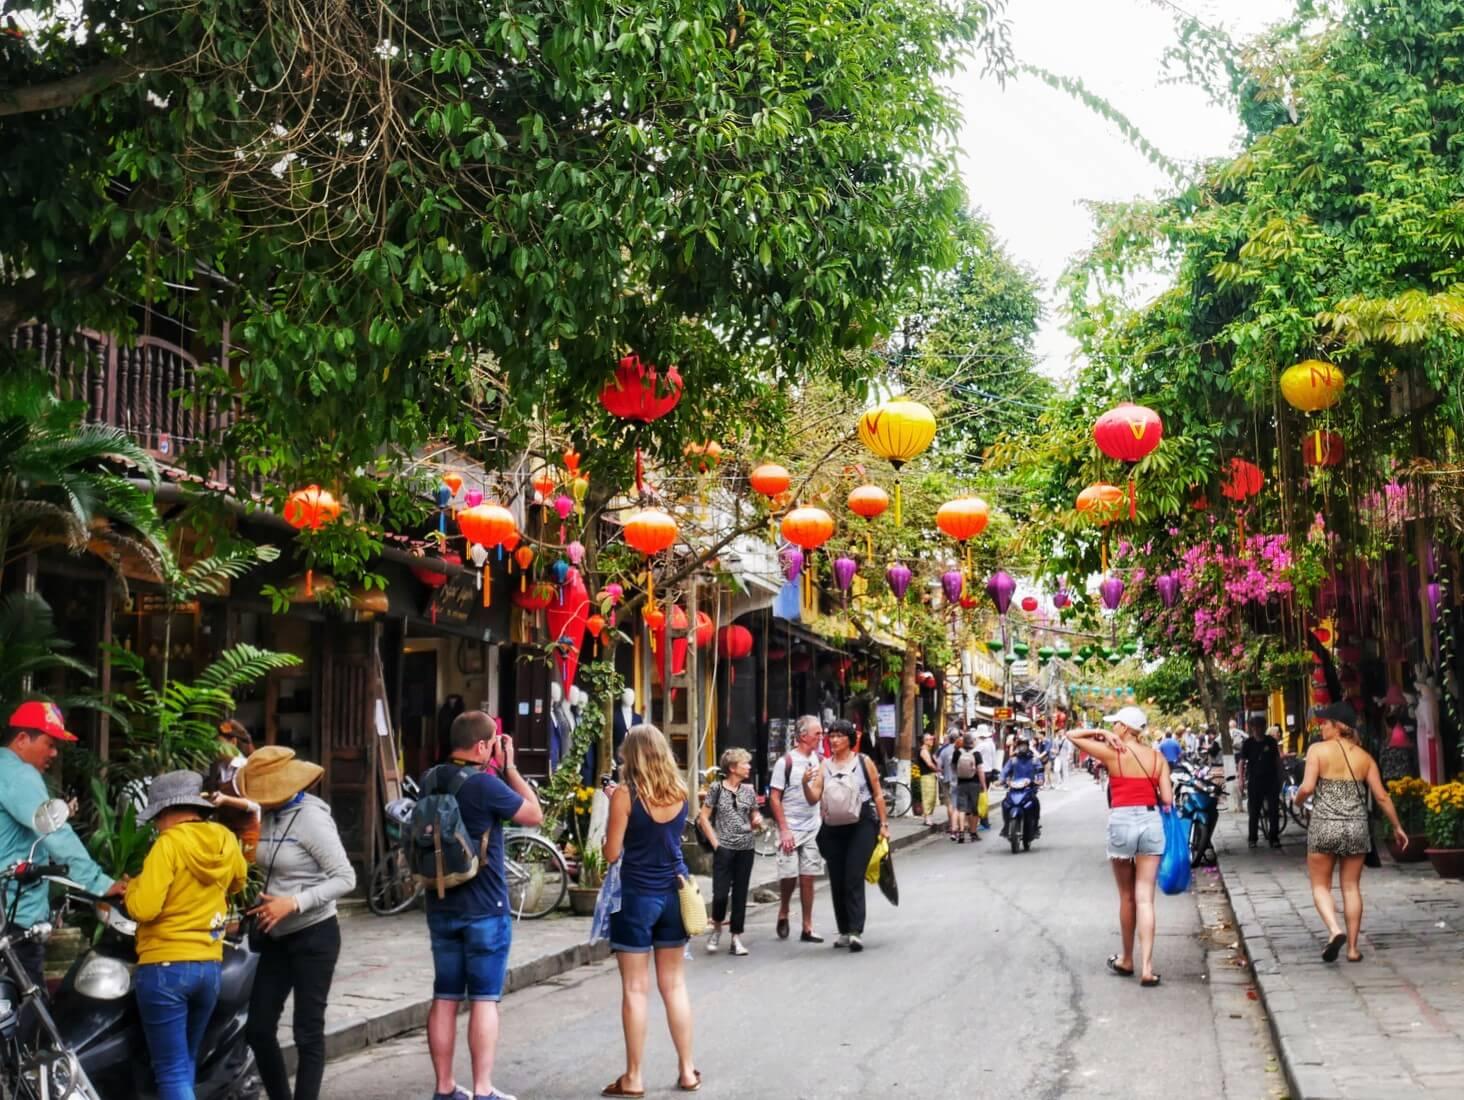 ベトナムの観光名所15選!ハノイ・ホイアン・フエなど都市別に人気の ...